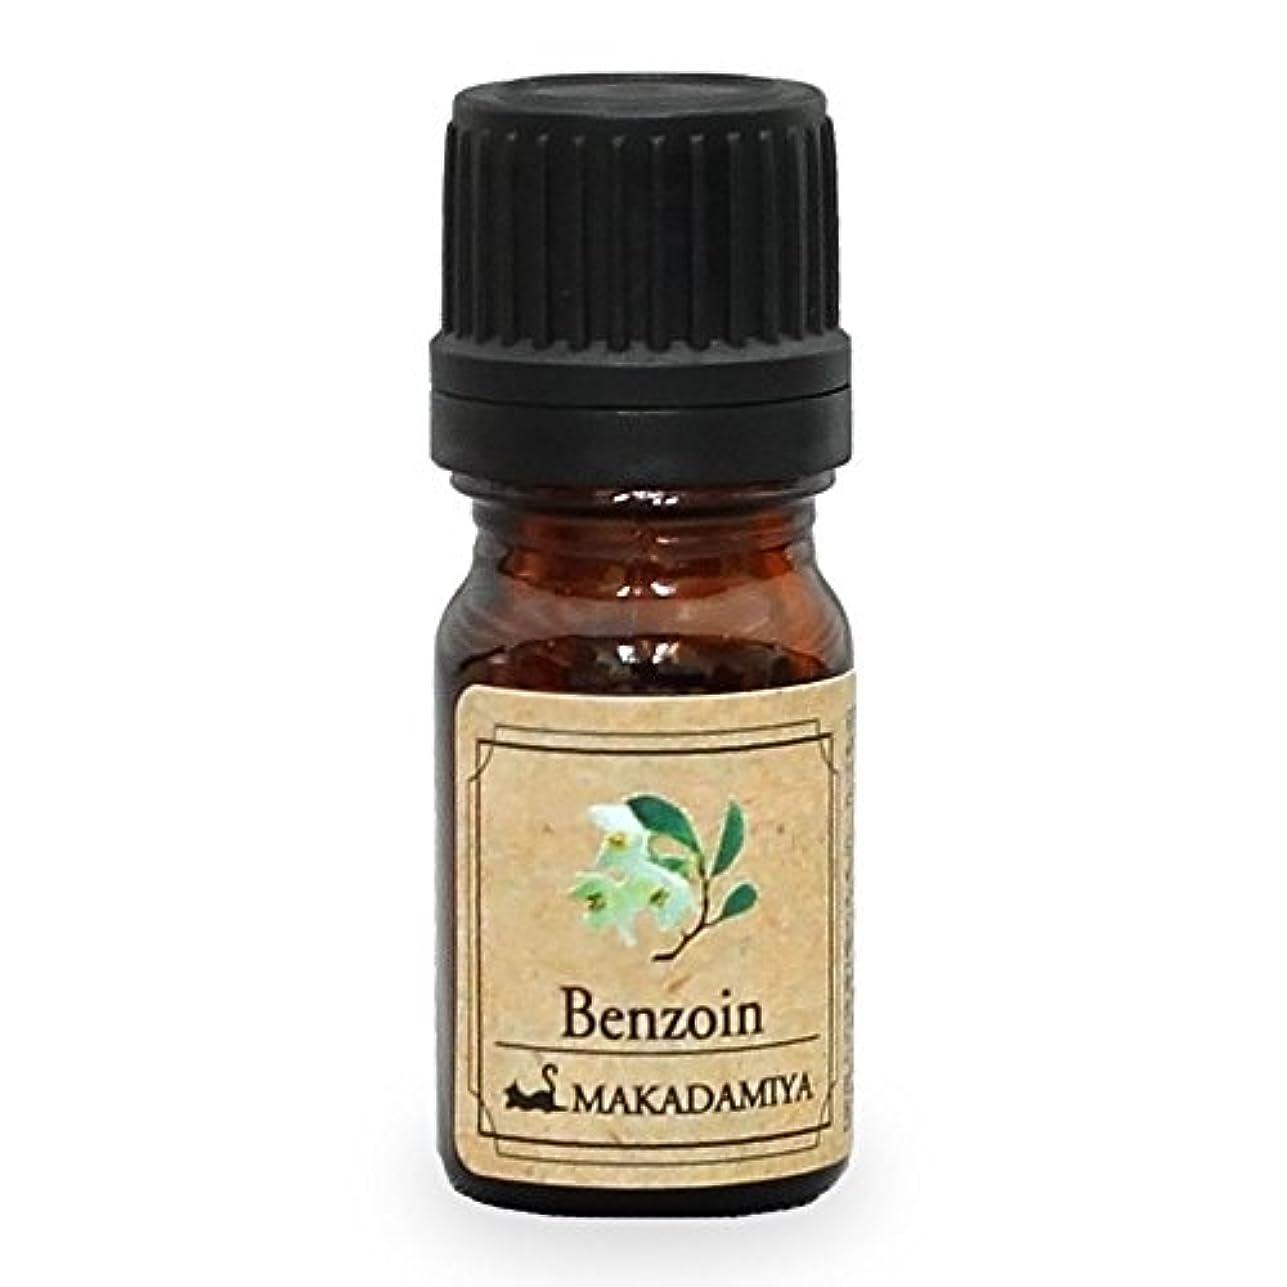 スクワイア任命エレガントベンゾイン5ml天然100%植物性エッセンシャルオイル(精油)アロマオイルアロママッサージアロマテラピーaroma Benzoin